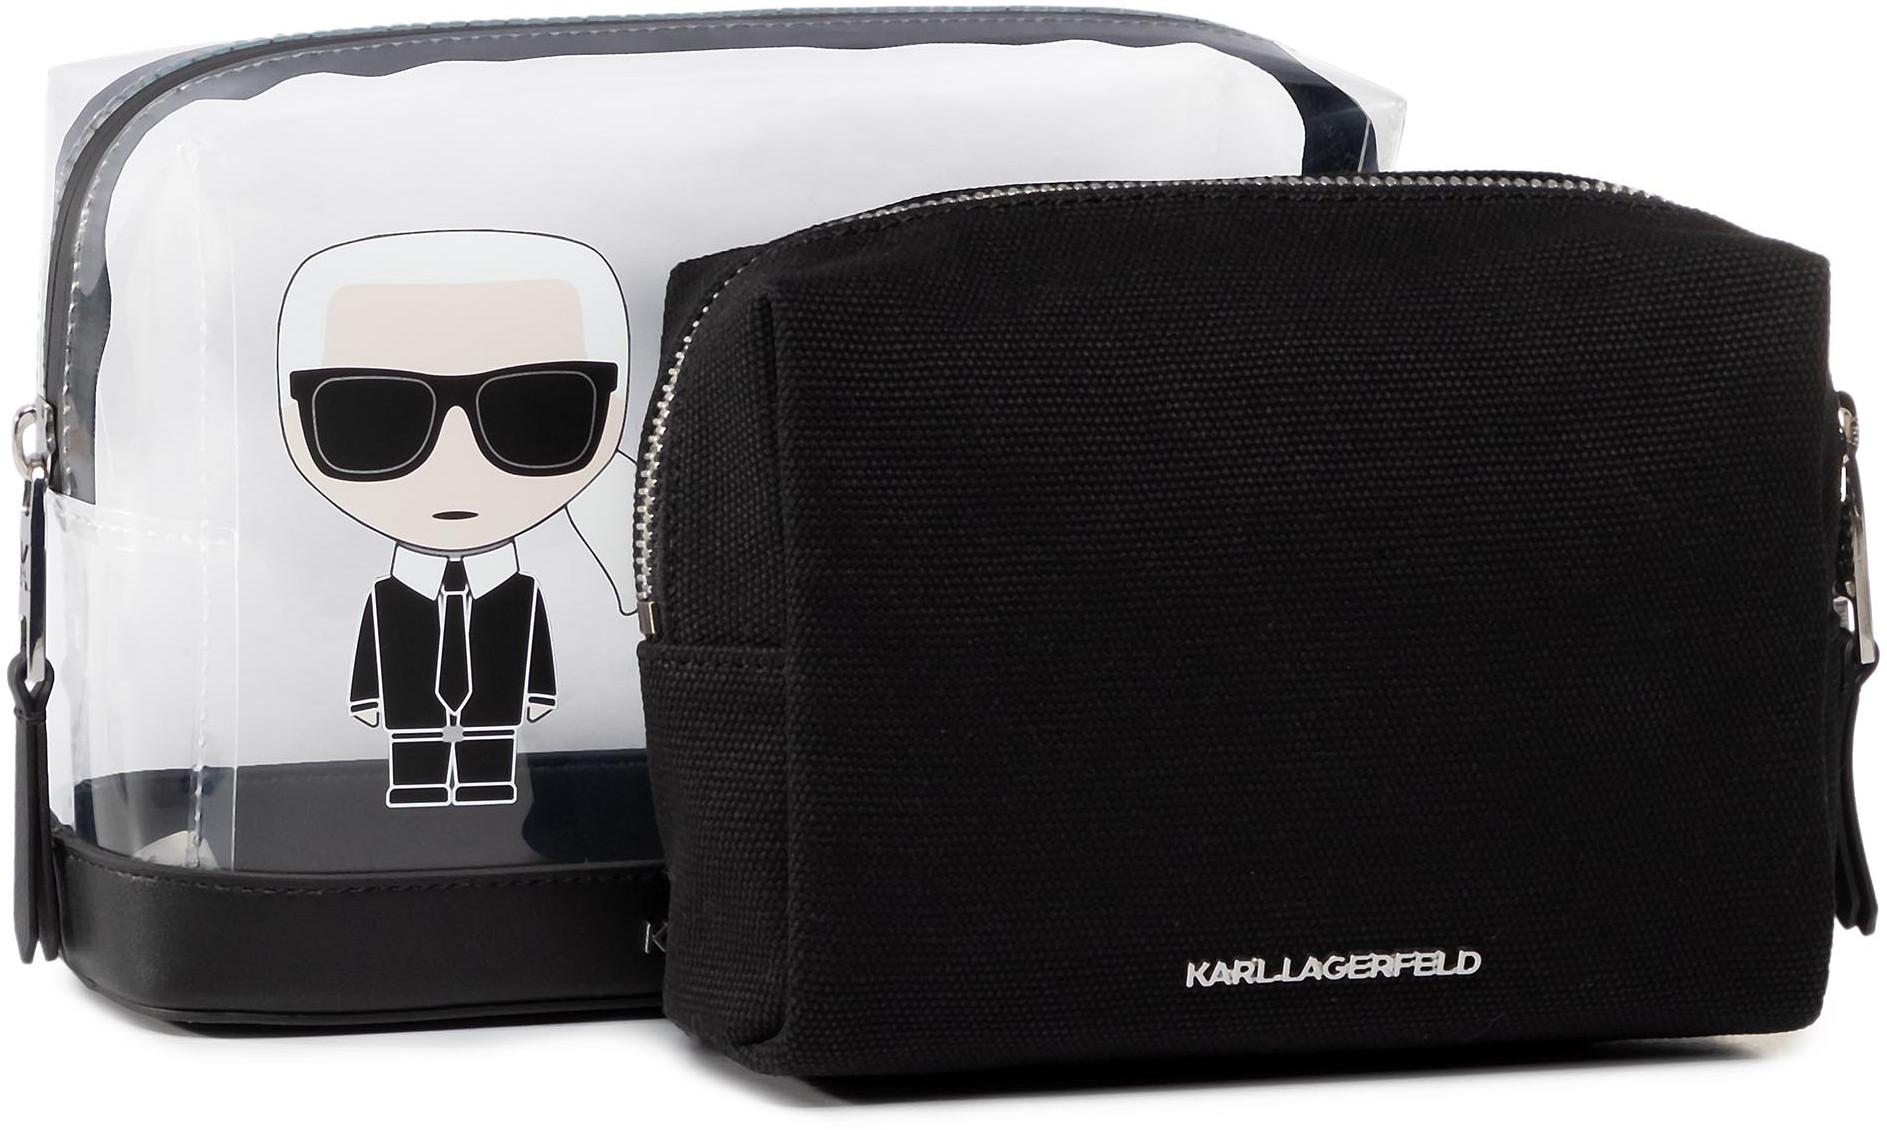 Karl Lagerfeld Zestaw kosmetyczek KARL LAGERFELD - 201W3204 Transparen